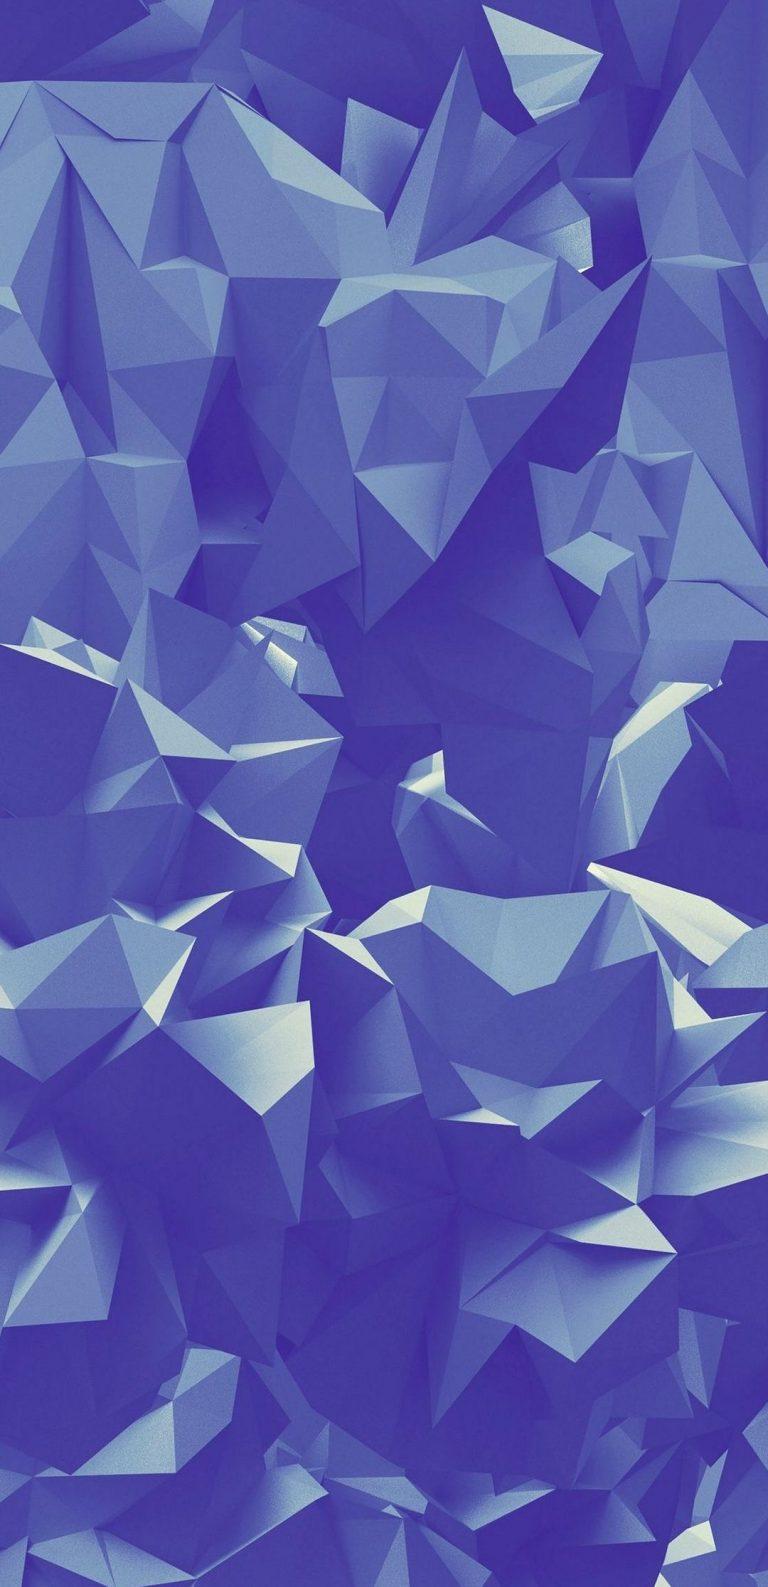 1080x2232 Wallpaper 181 768x1587